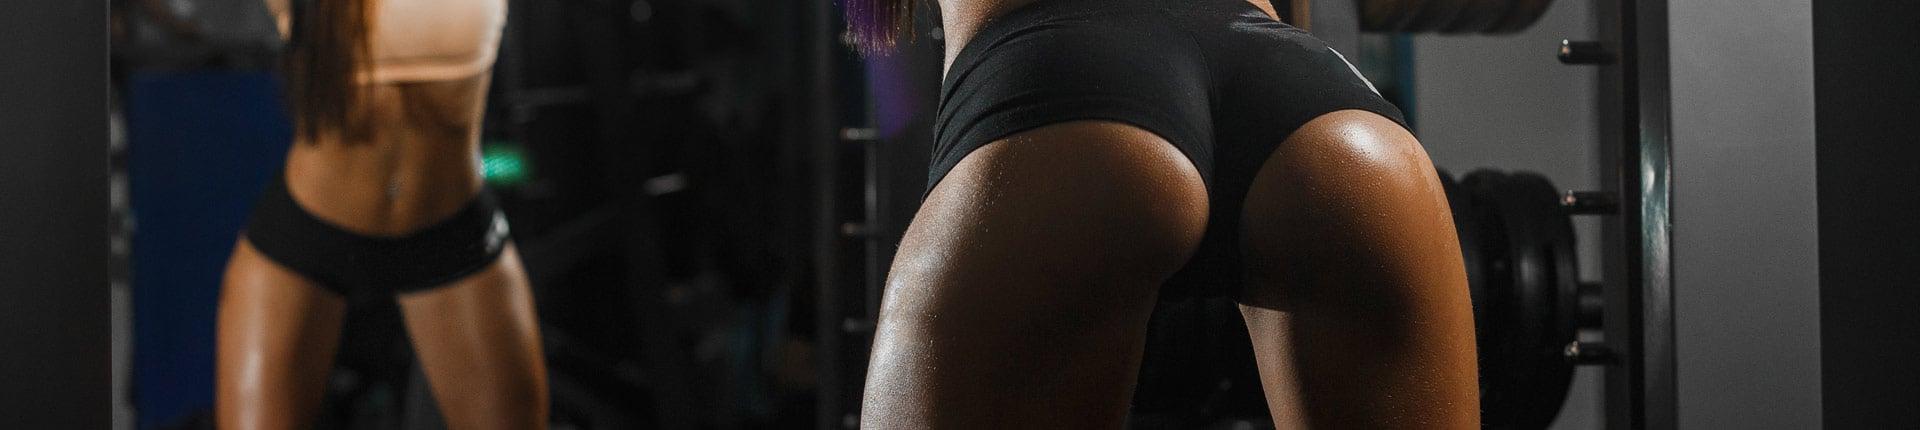 5 najlepszych ćwiczeń na tylną część ud. Trening mięśni dwugłowych ud i pośladków